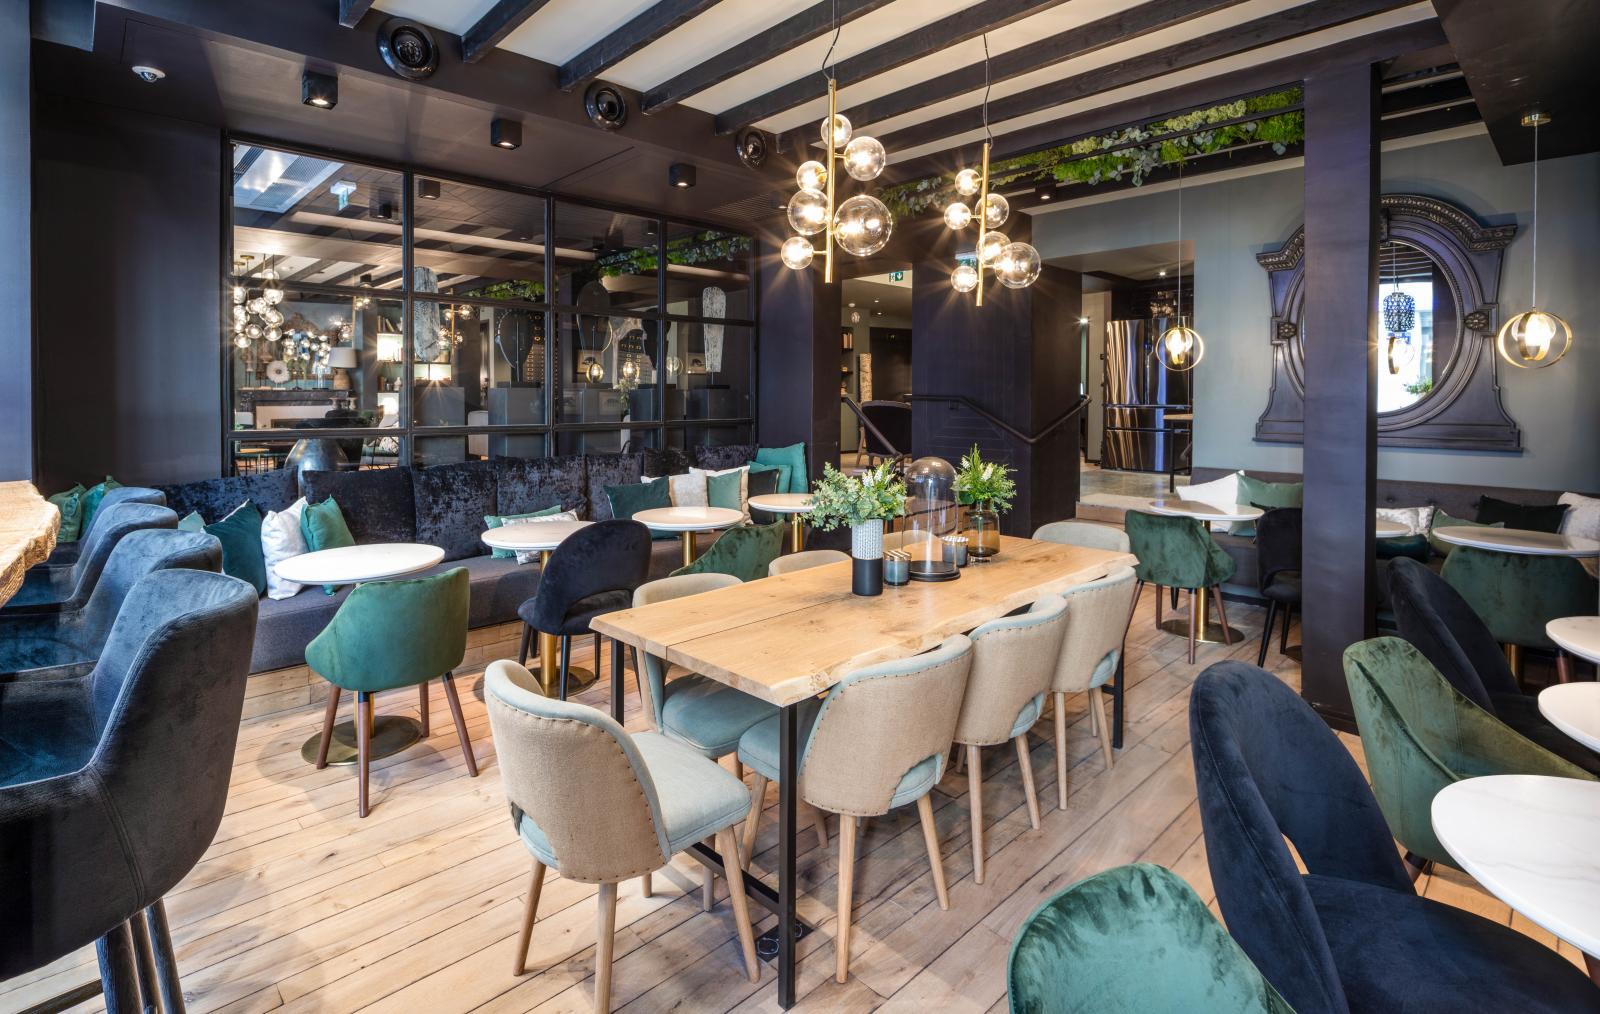 Maisons Du Monde Ouvre Son Premier Hôtel à Nantes Madame